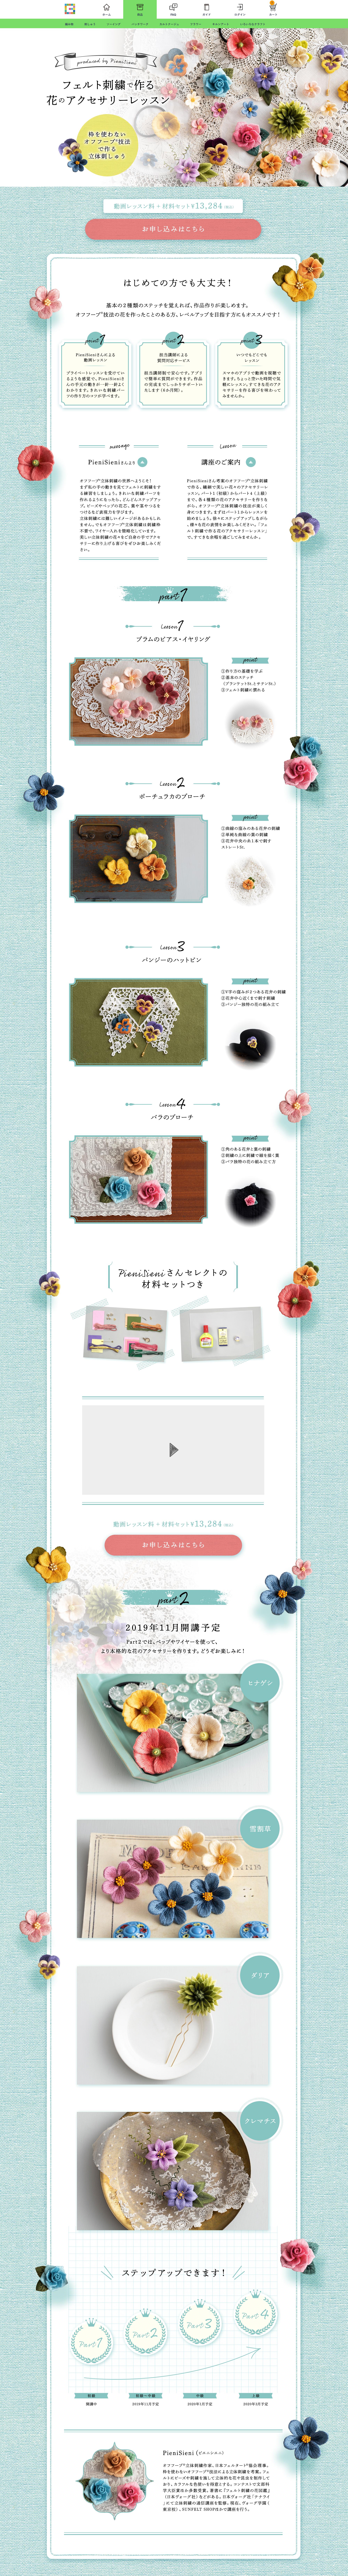 日本ヴォーグ社 crafting